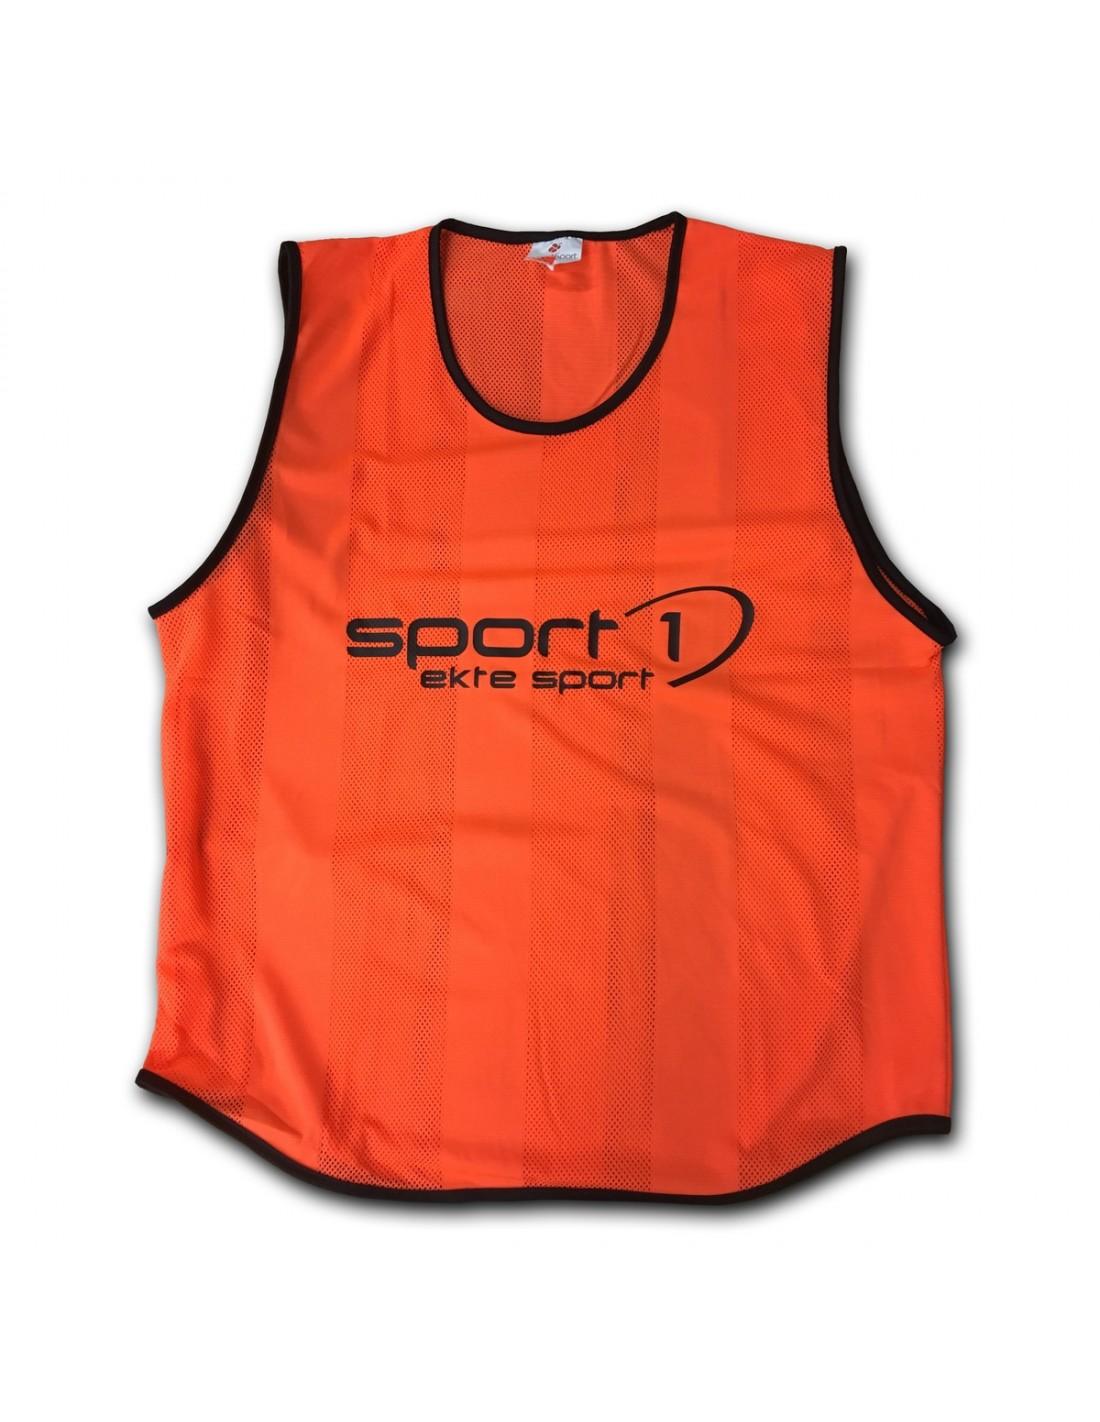 Sportsutstyr Assist Sport 1 Deluxe Vest Oransje 0661021-10 59 kr